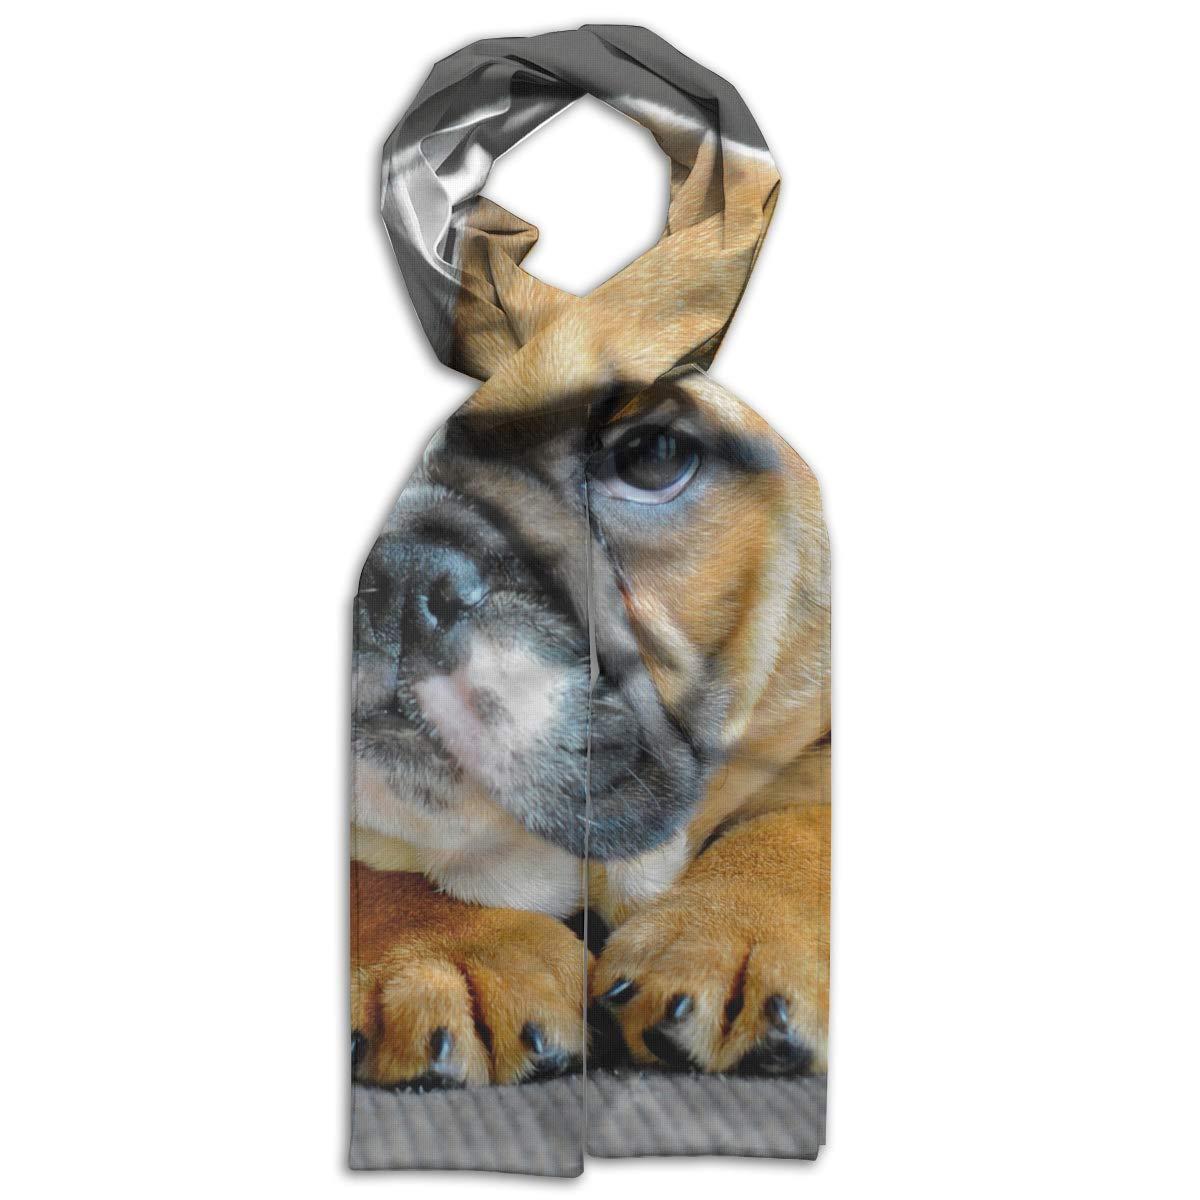 English Bulldog Puppy Dog Kids Girls Boys Scarf Warm Winter Soft Tassel Shawl Scarf